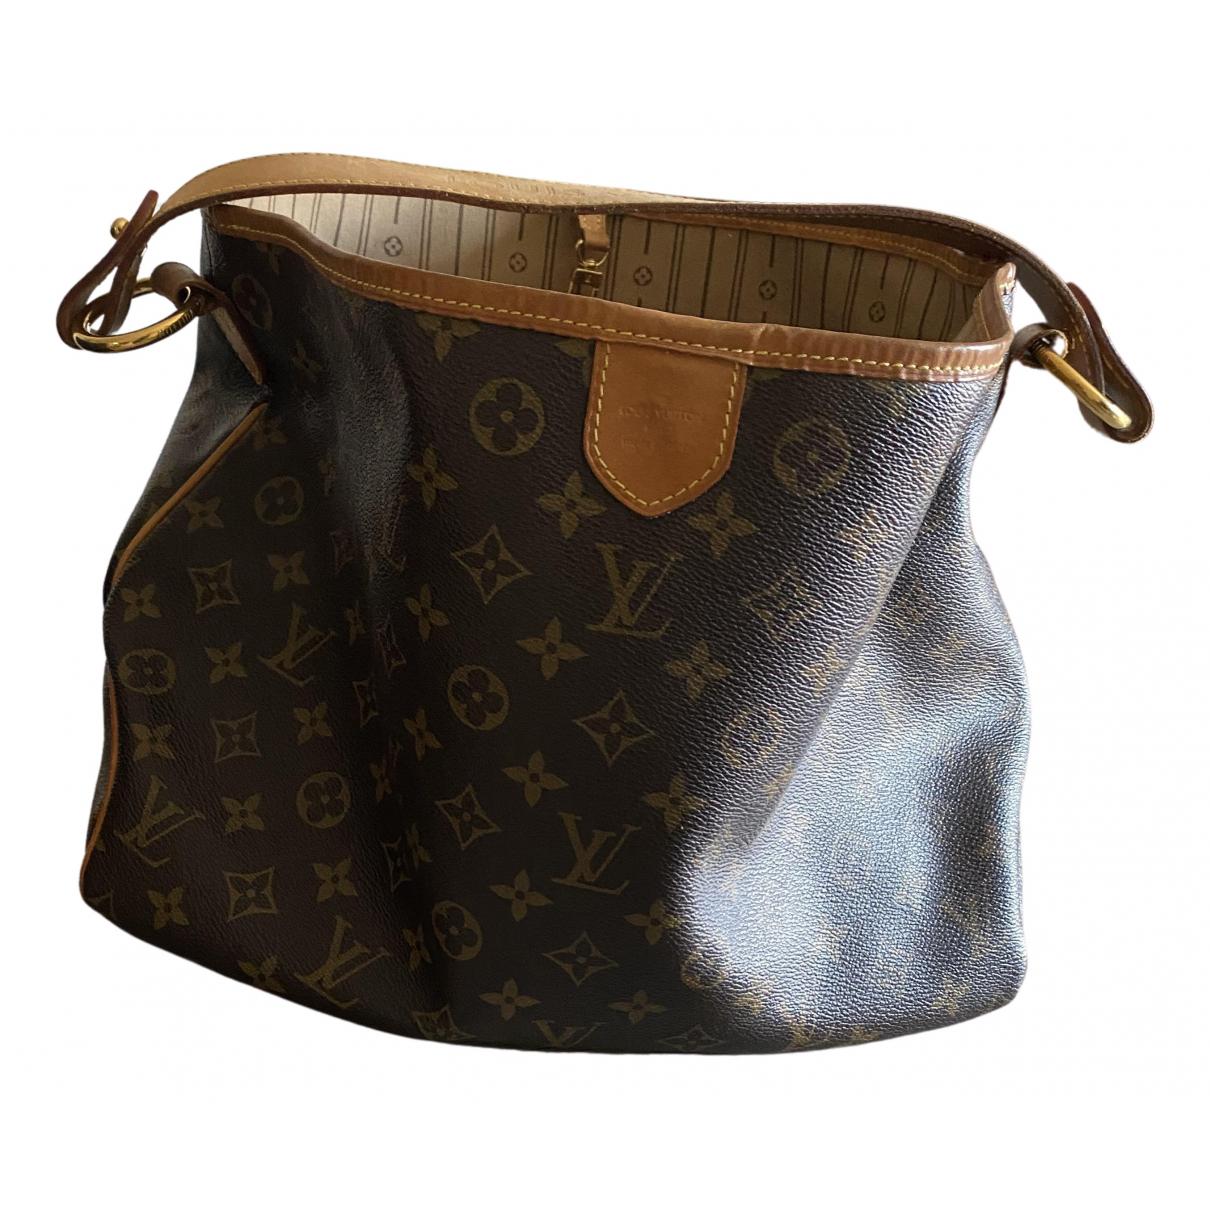 Louis Vuitton Delightful Handtasche in  Braun Leinen